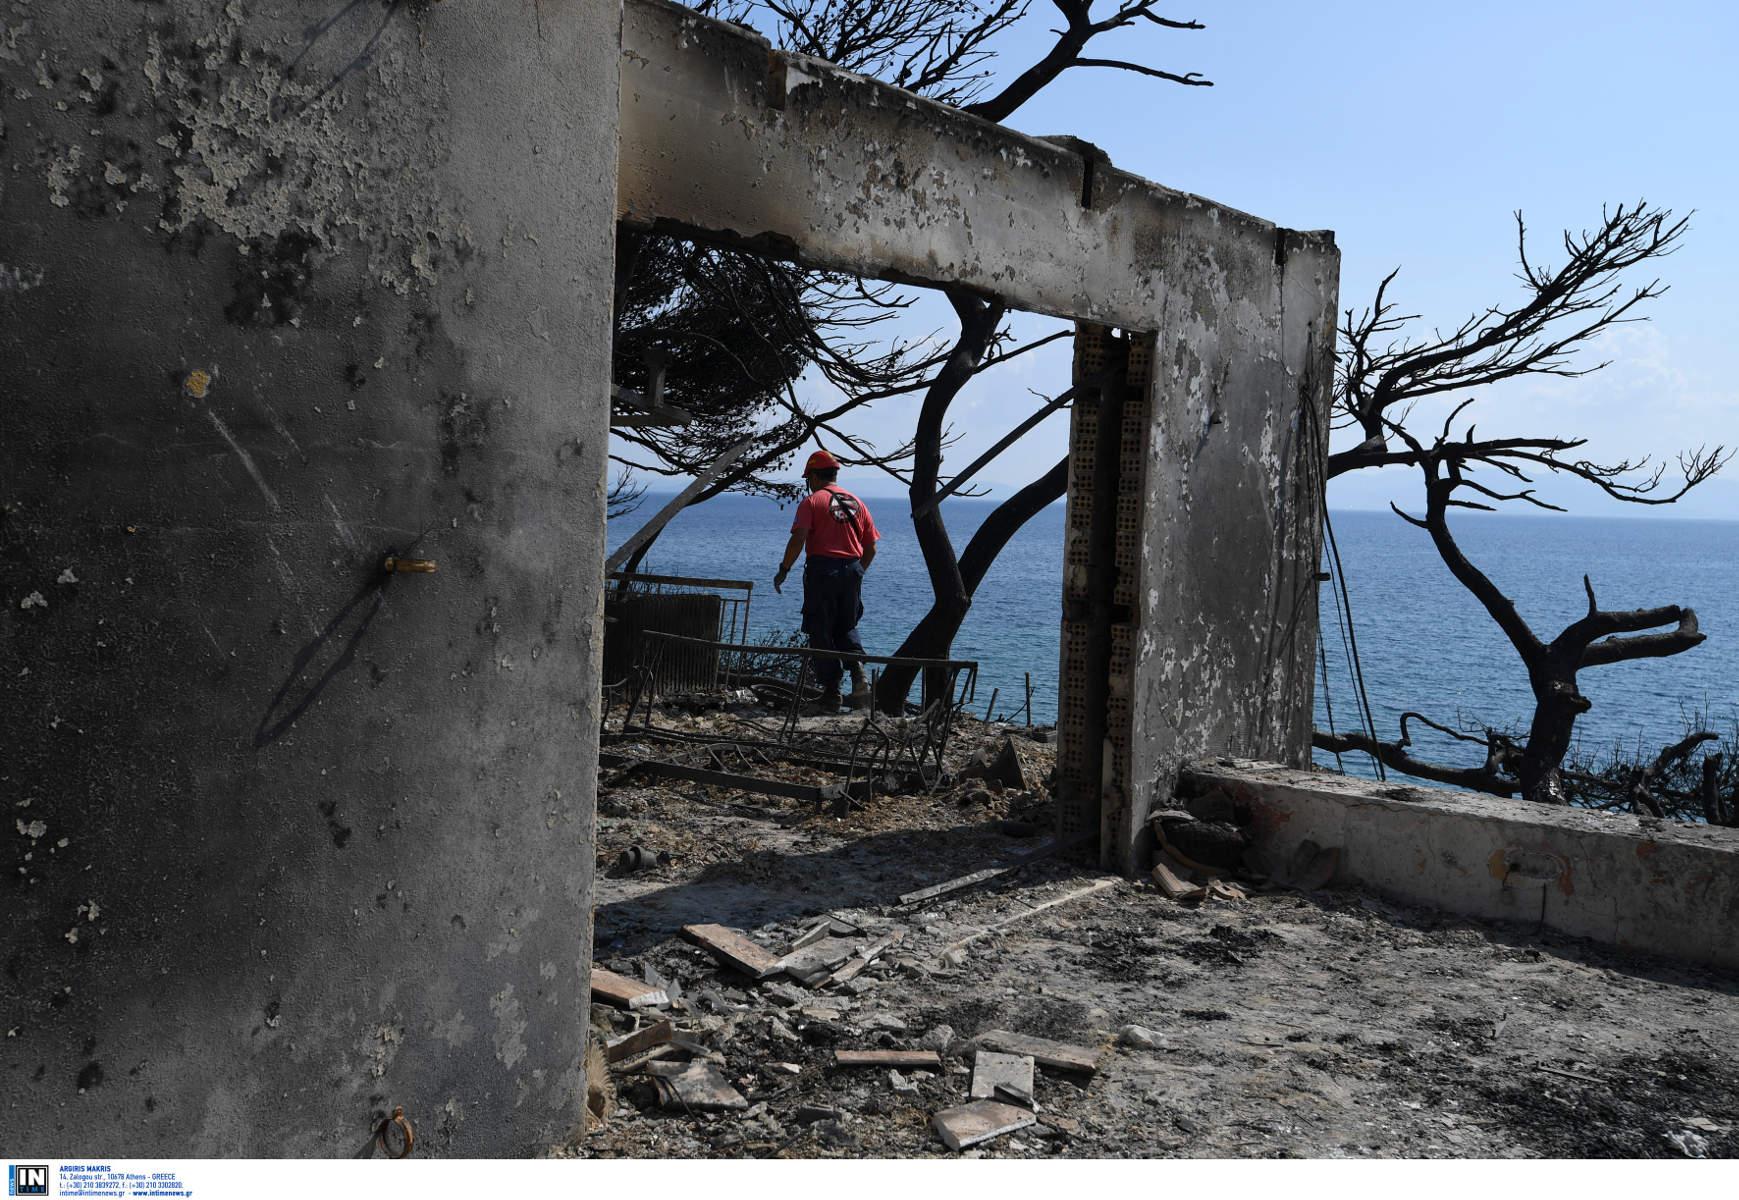 «Παγώνουν» μέχρι το '22 πλειστηριασμοί και κατασχέσεις για τους πυρόπληκτους σε Μάτι και Κινέτα